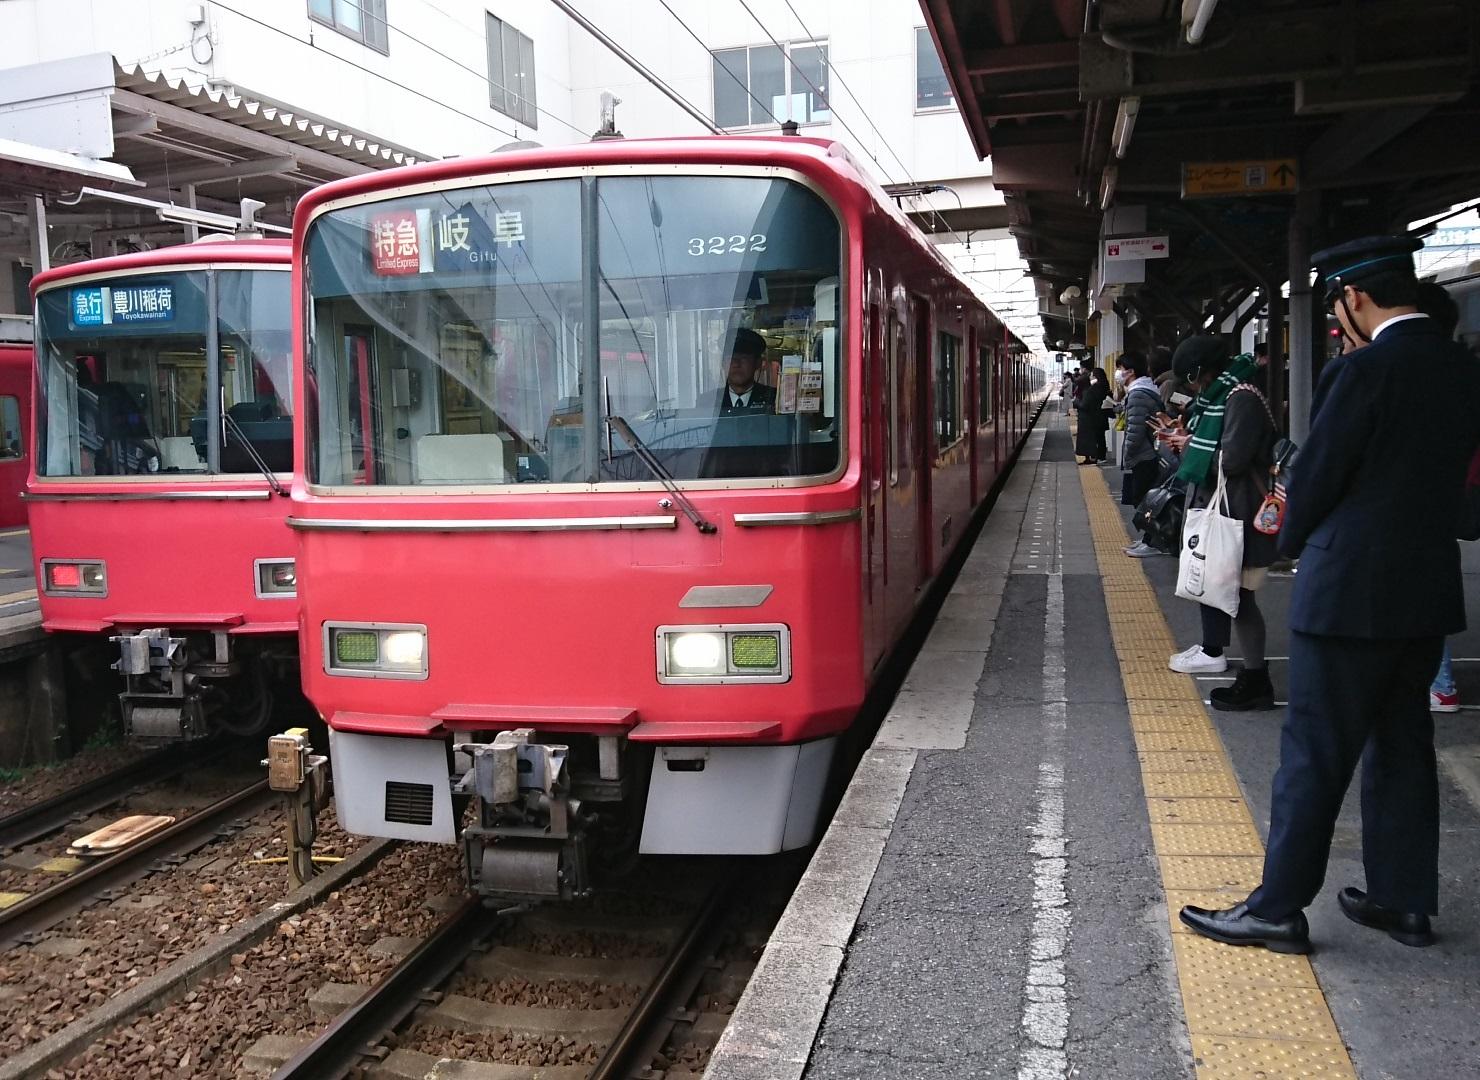 2017.1.12 (17) しんあんじょう - 岐阜いき特急(3222)1480-1080